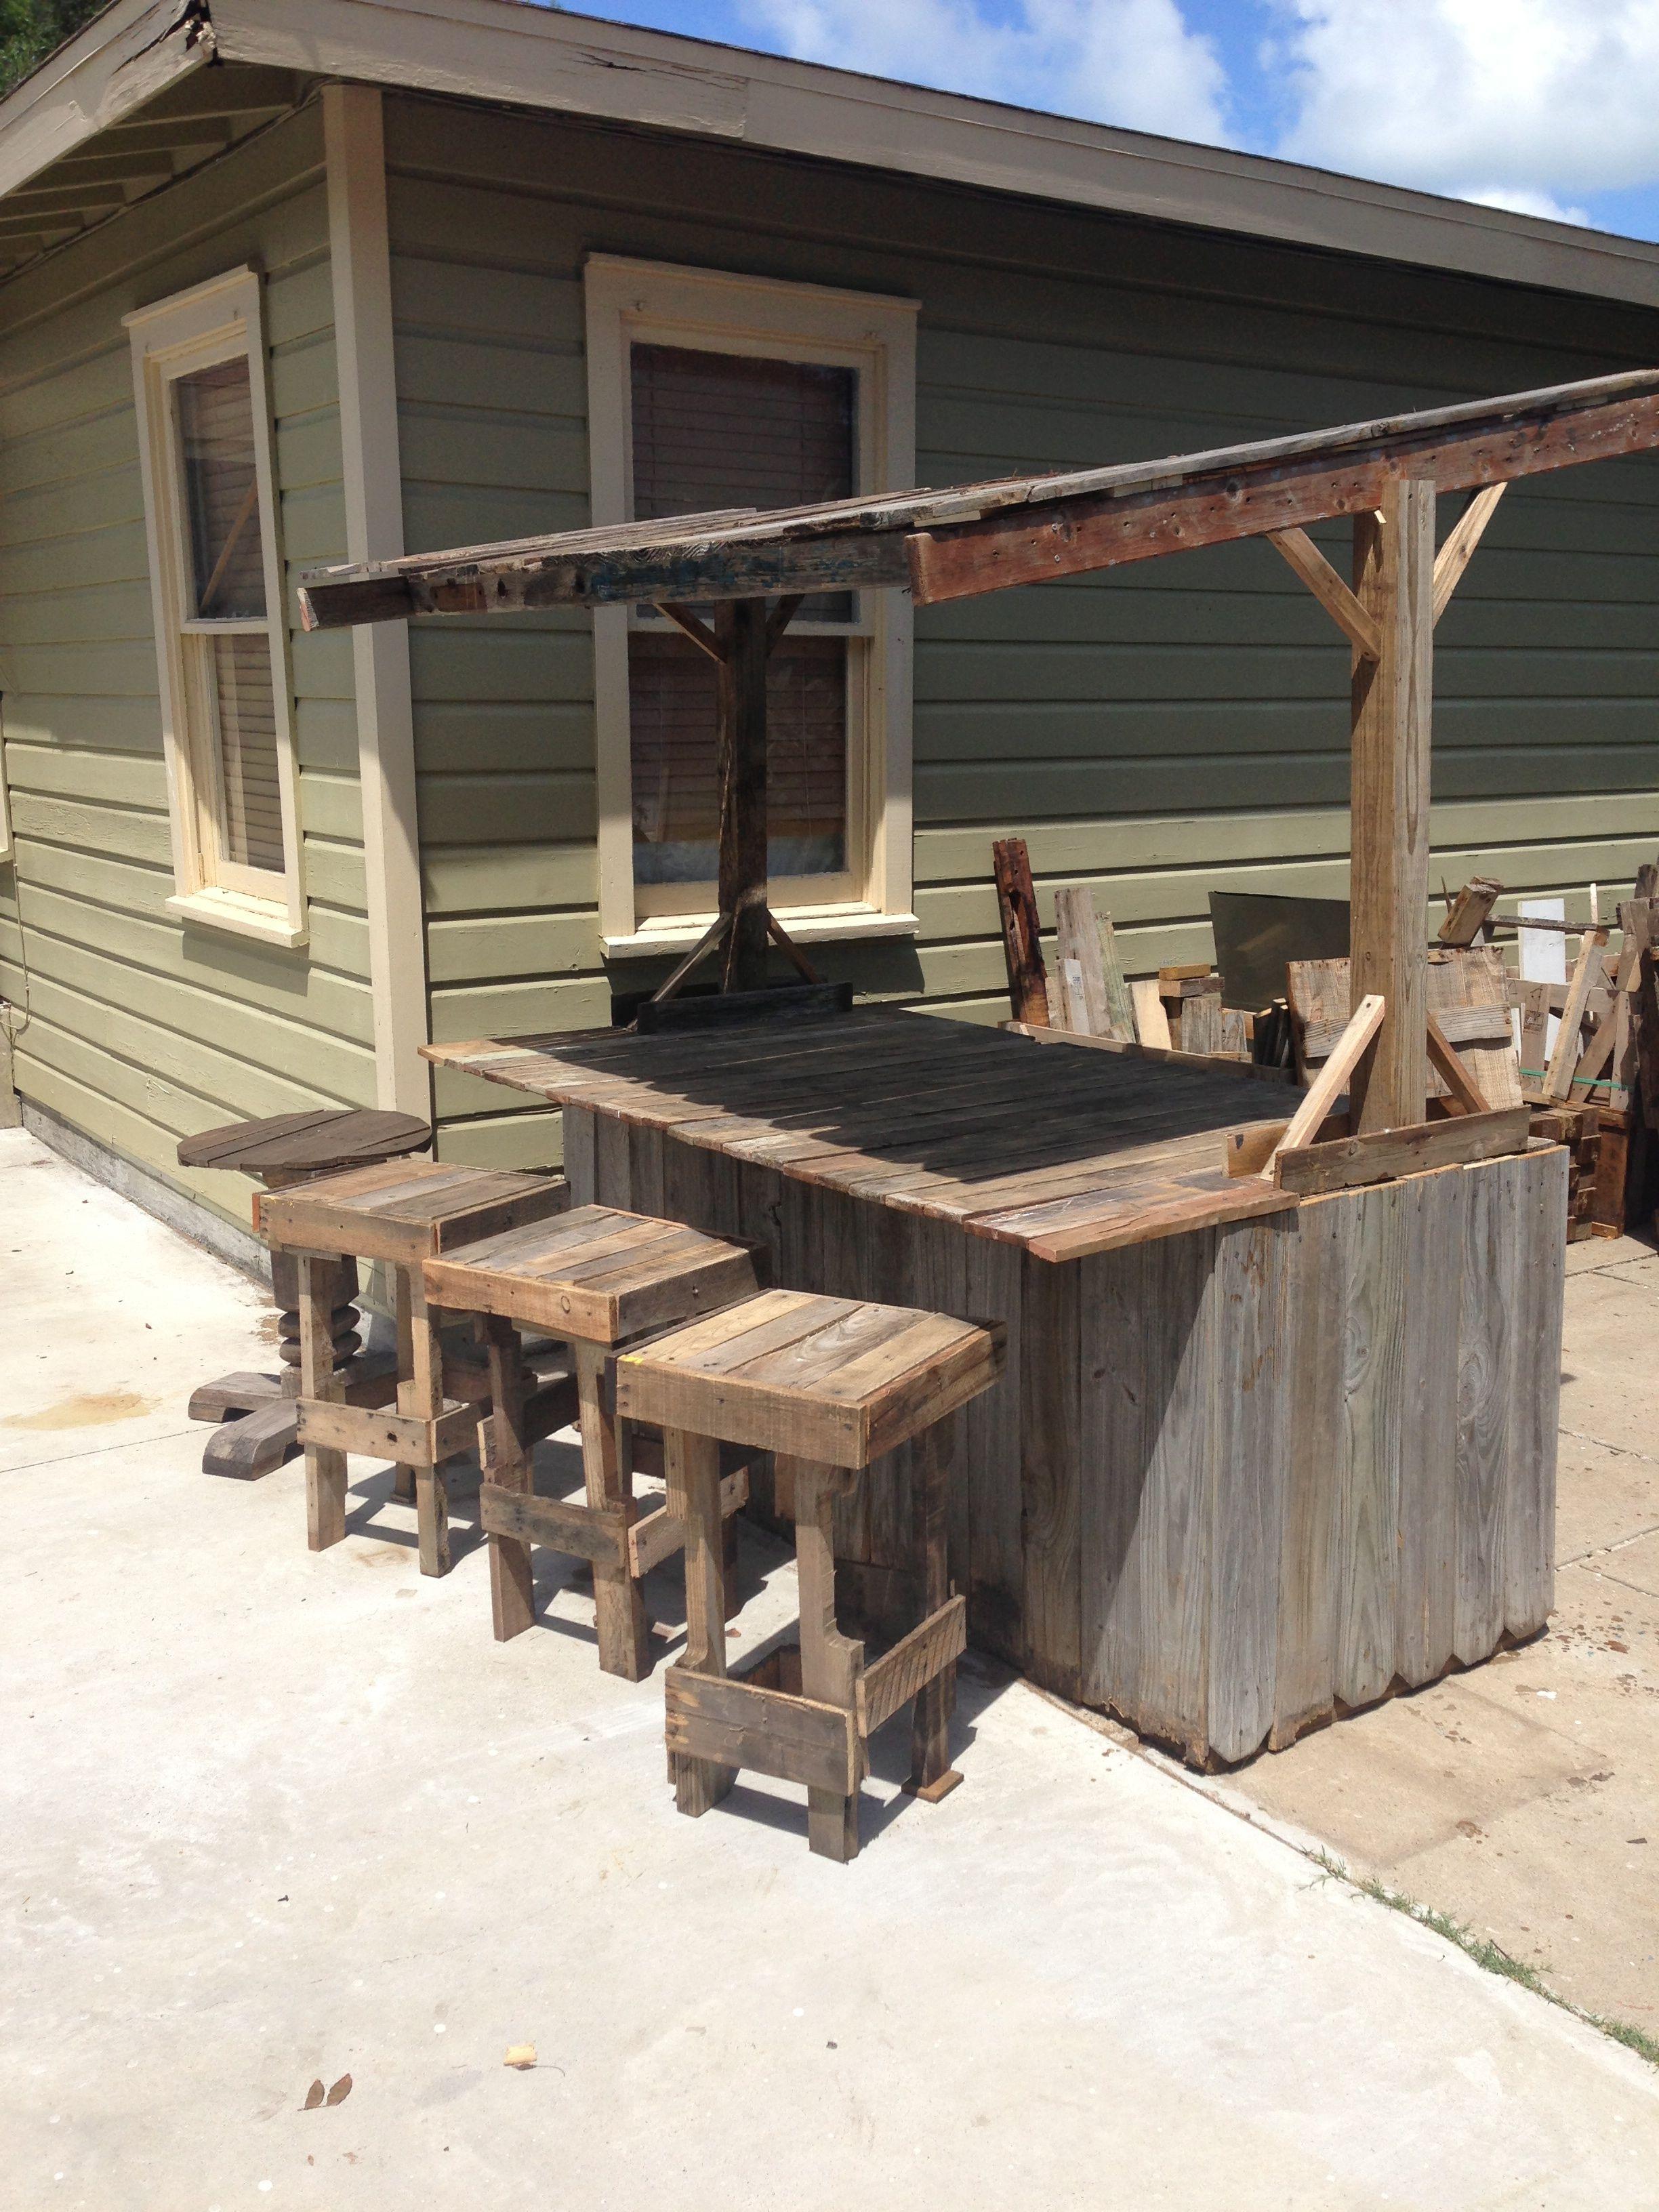 Wood Fence Bar And Pallet Stools Diy Outdoor Bar Diy Outdoor Fireplace Backyard Bar